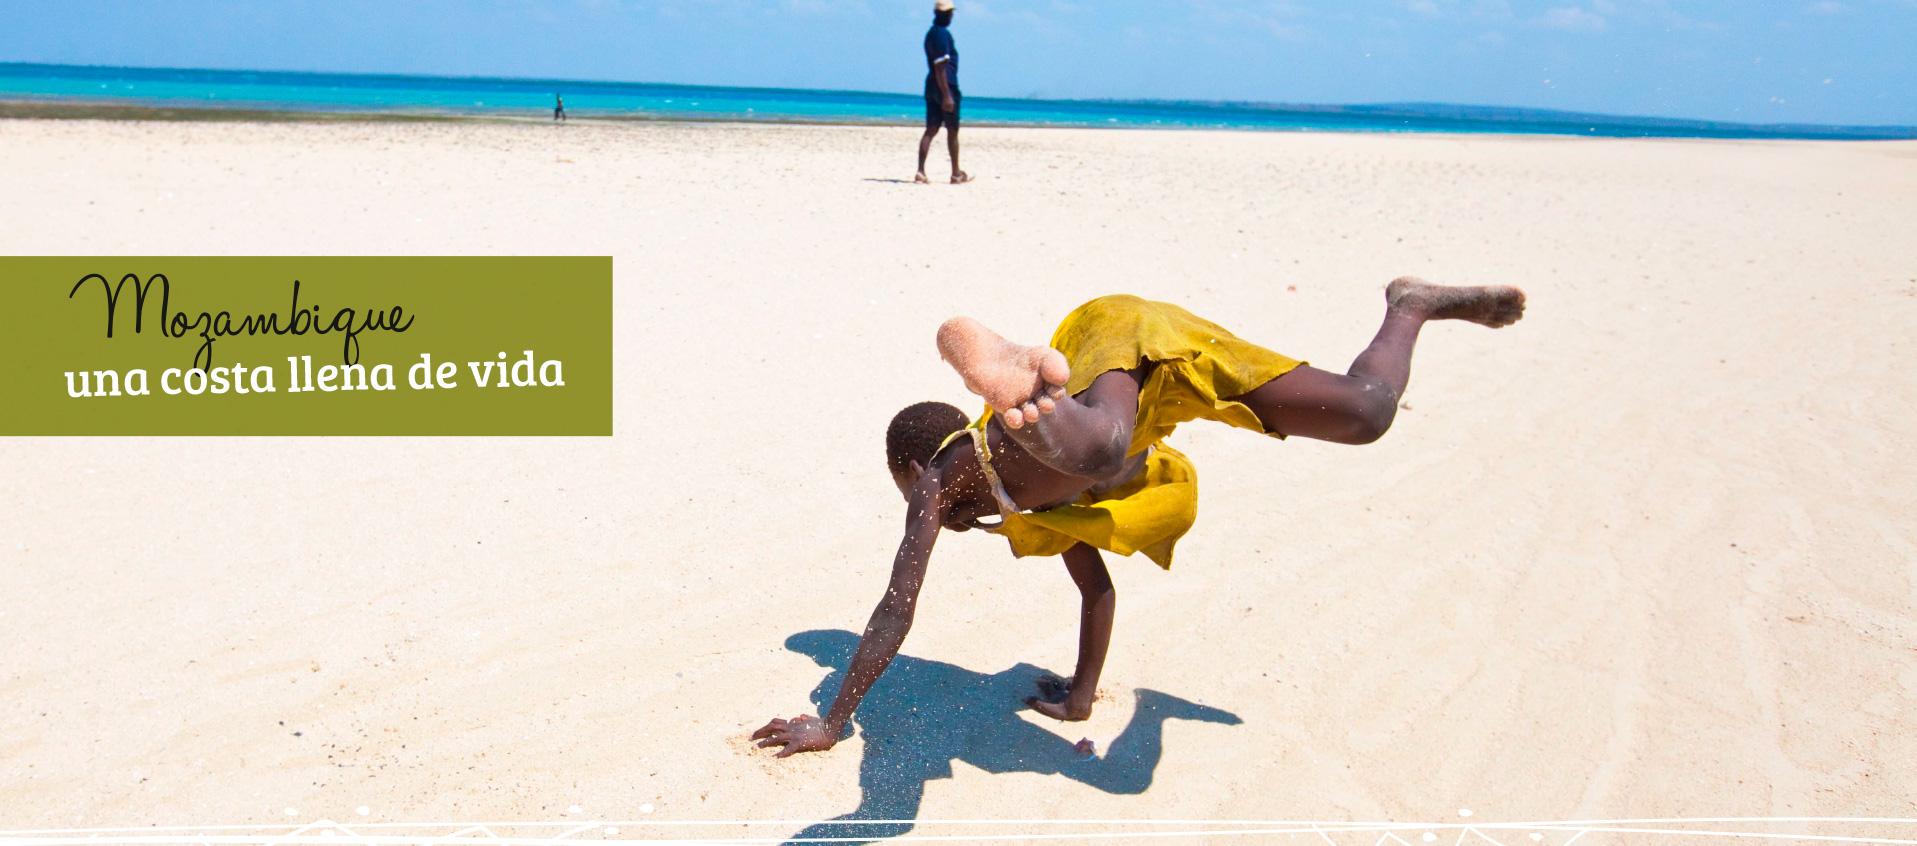 Mozambique, una costa llena de vida